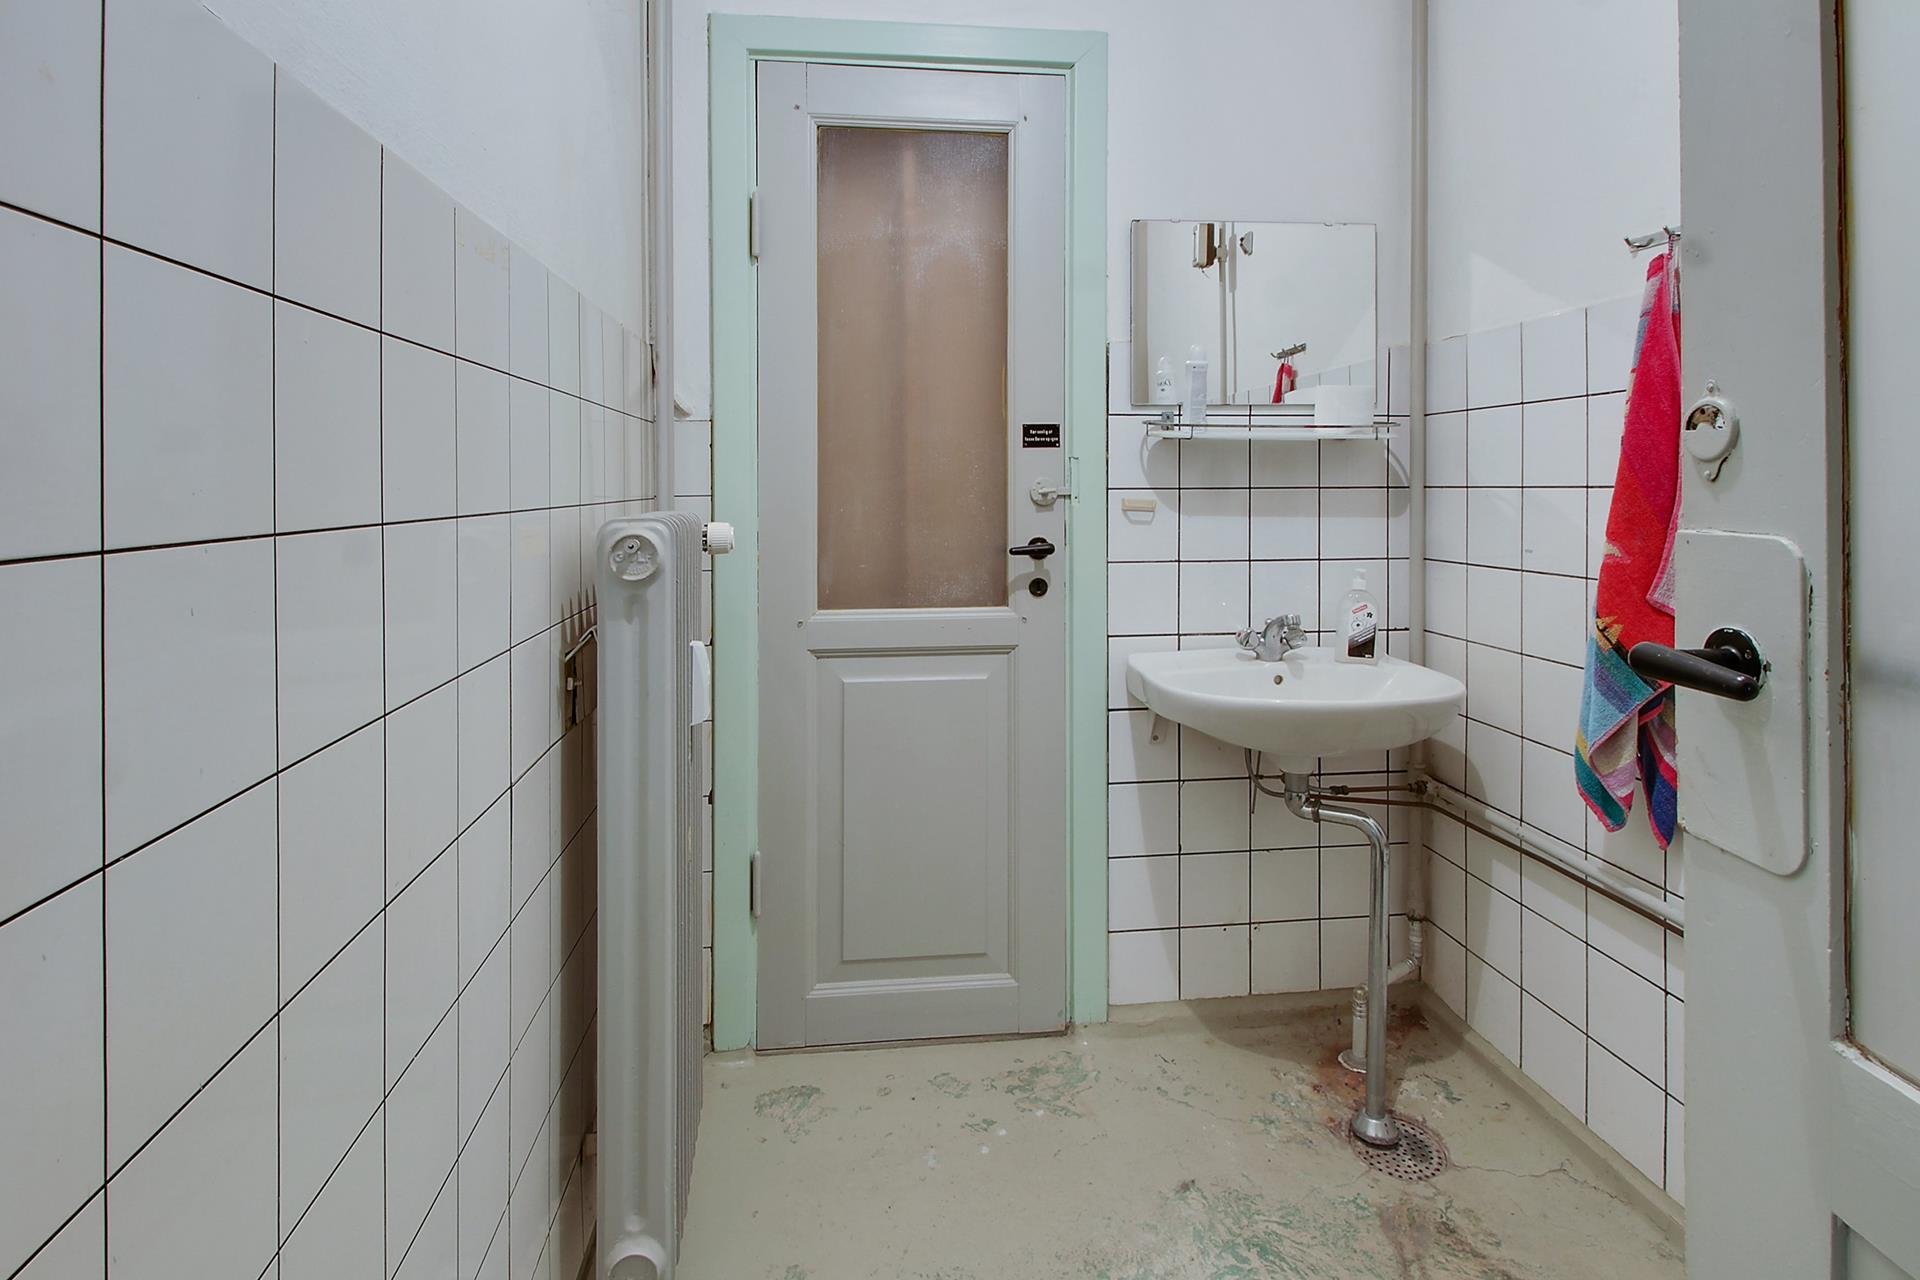 Bolig/erhverv på Jernbanegade i Nykøbing M - Badeværelse